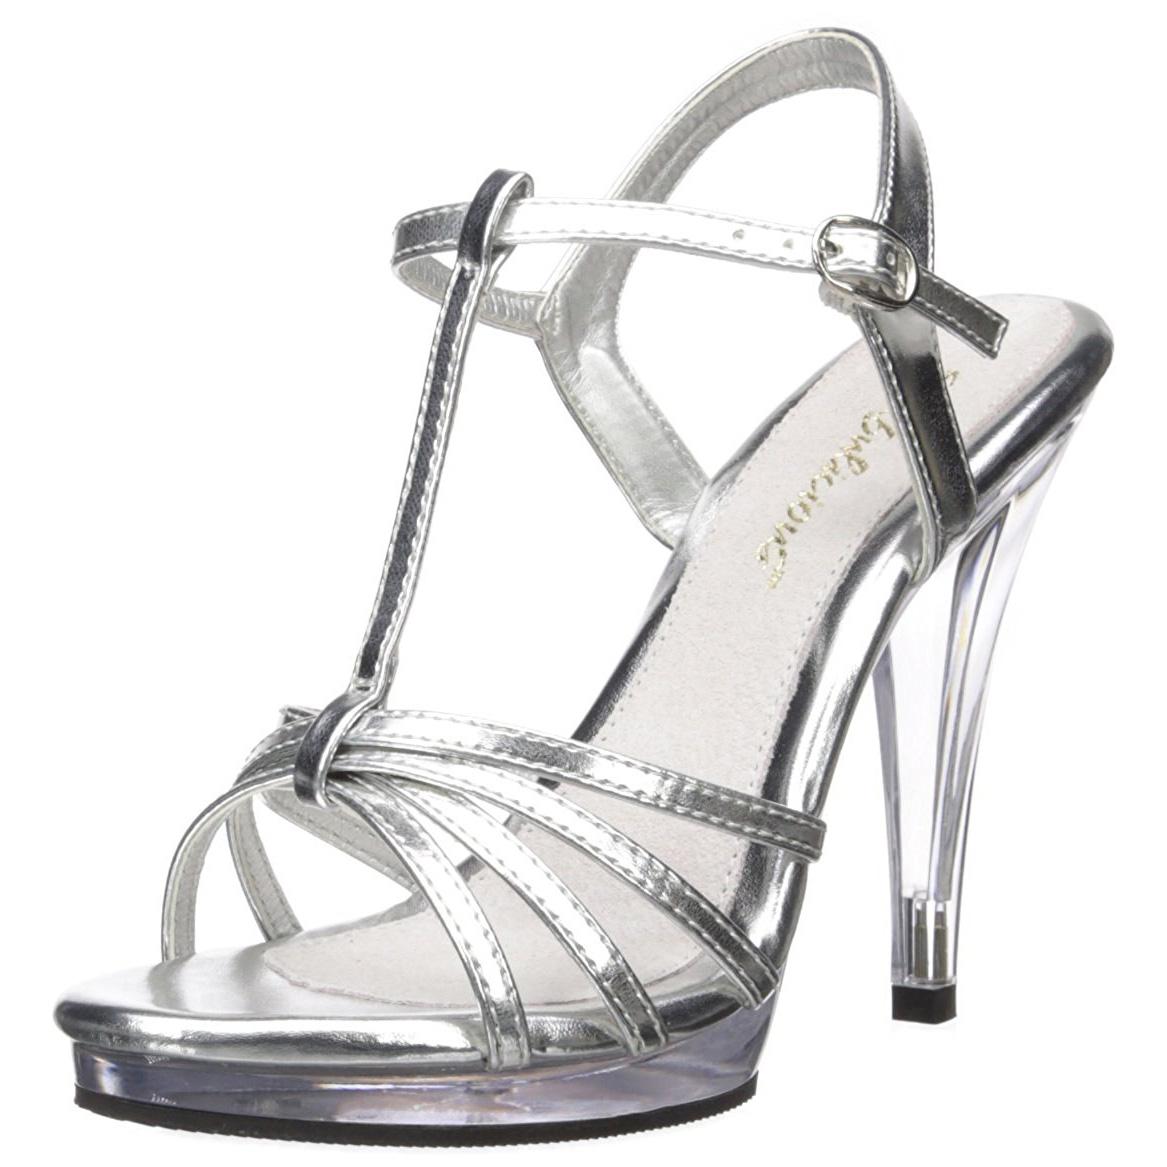 Argento Vernice 12 cm FLAIR 420 scarpe tacco alto numeri grandi per uomo